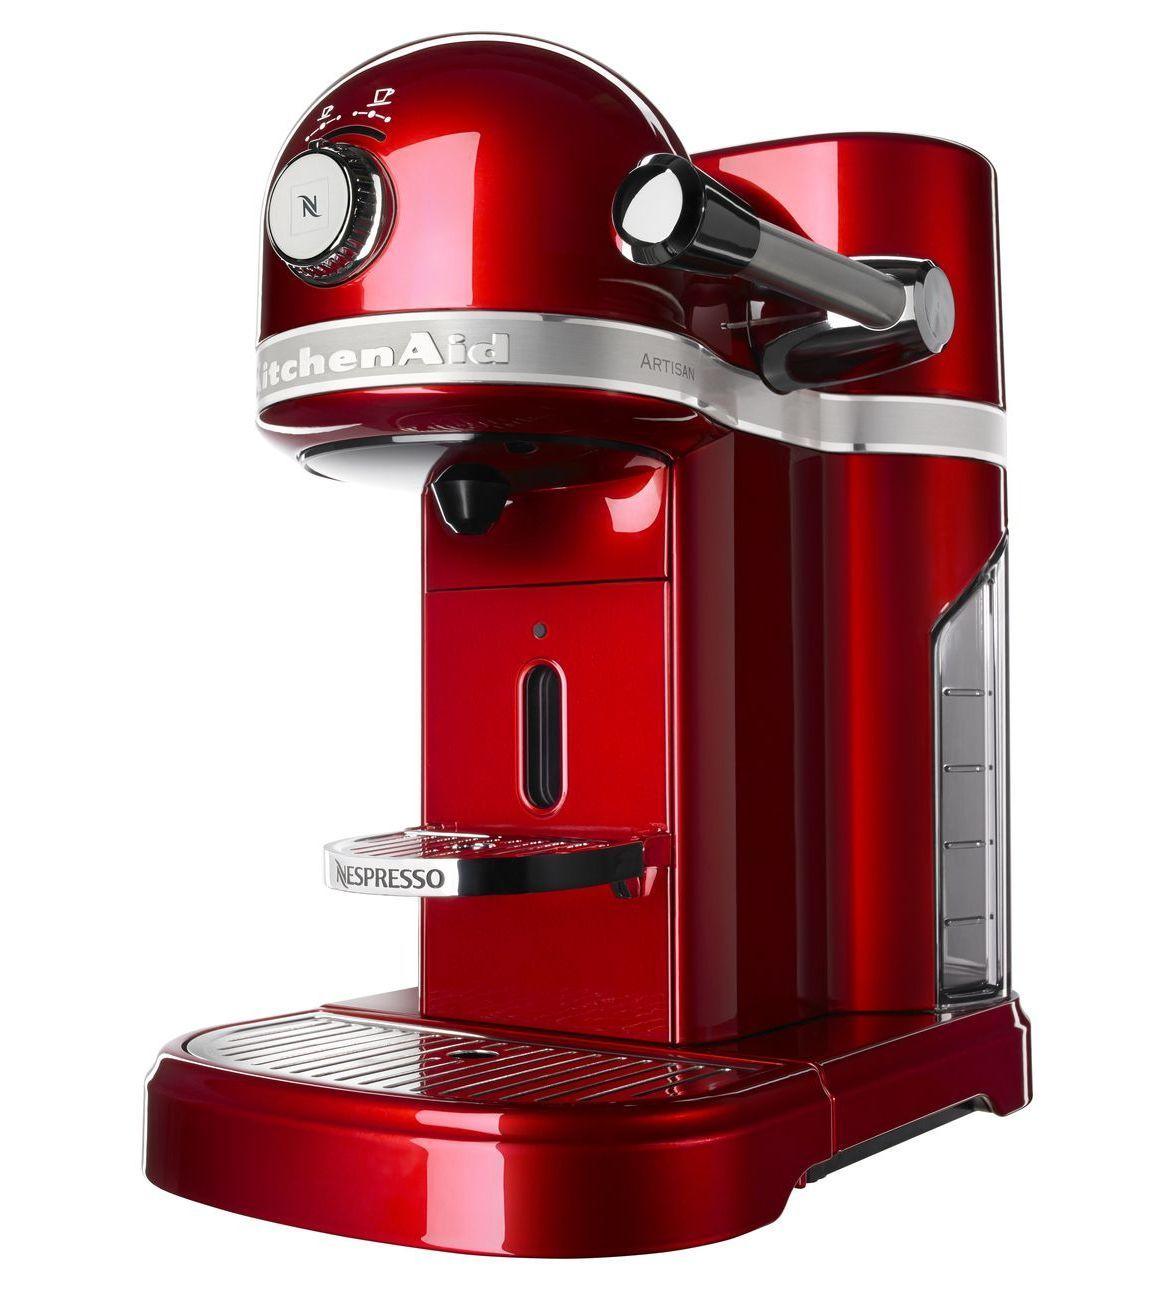 ???PAGE_TITLE_TEXT??? Kitchen aid, Espresso machine